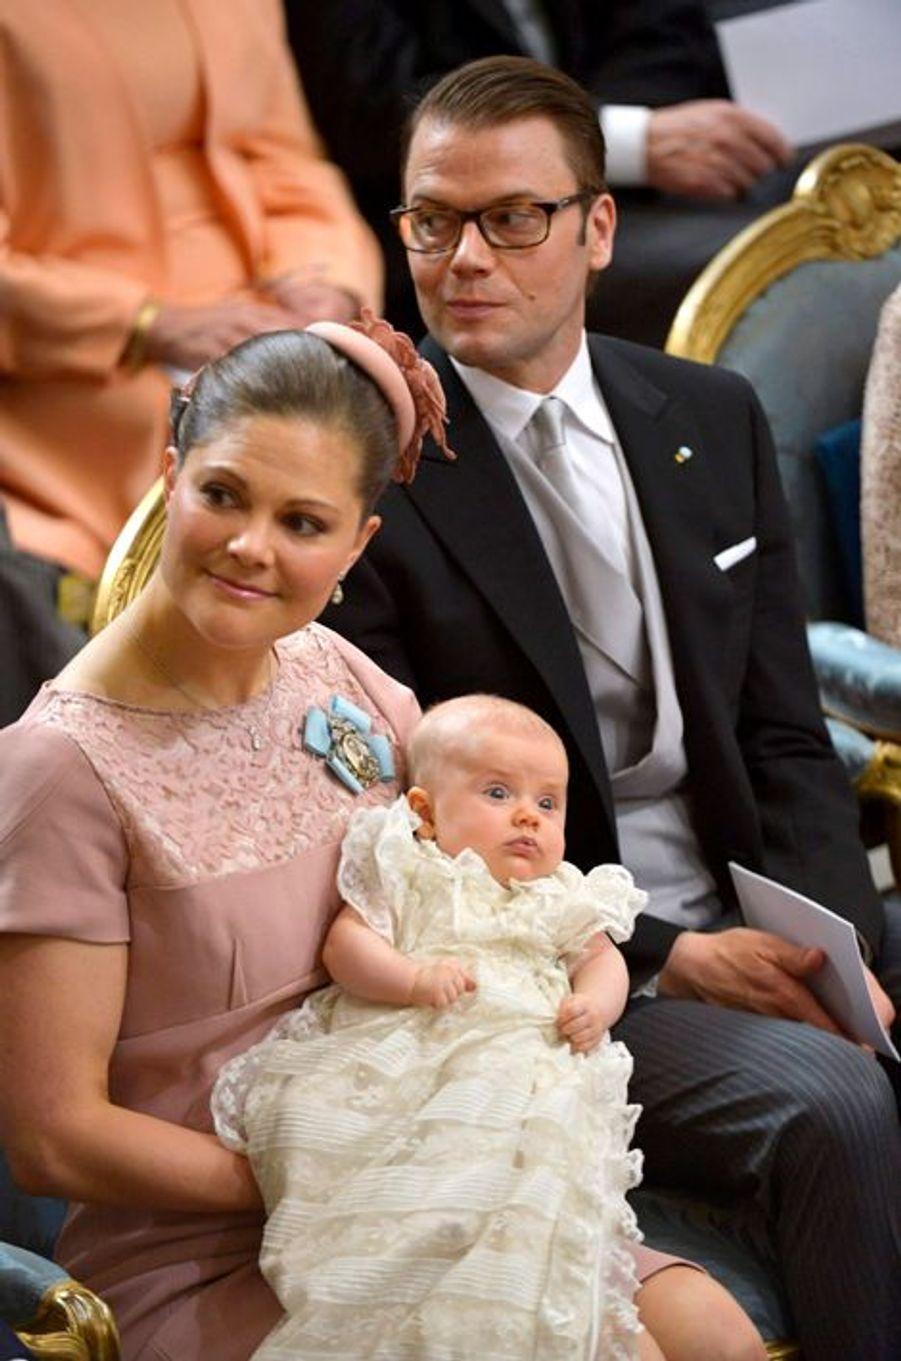 La princesse Estelle de Suède avec ses parents le jour de son baptême, le 22 mai 2012